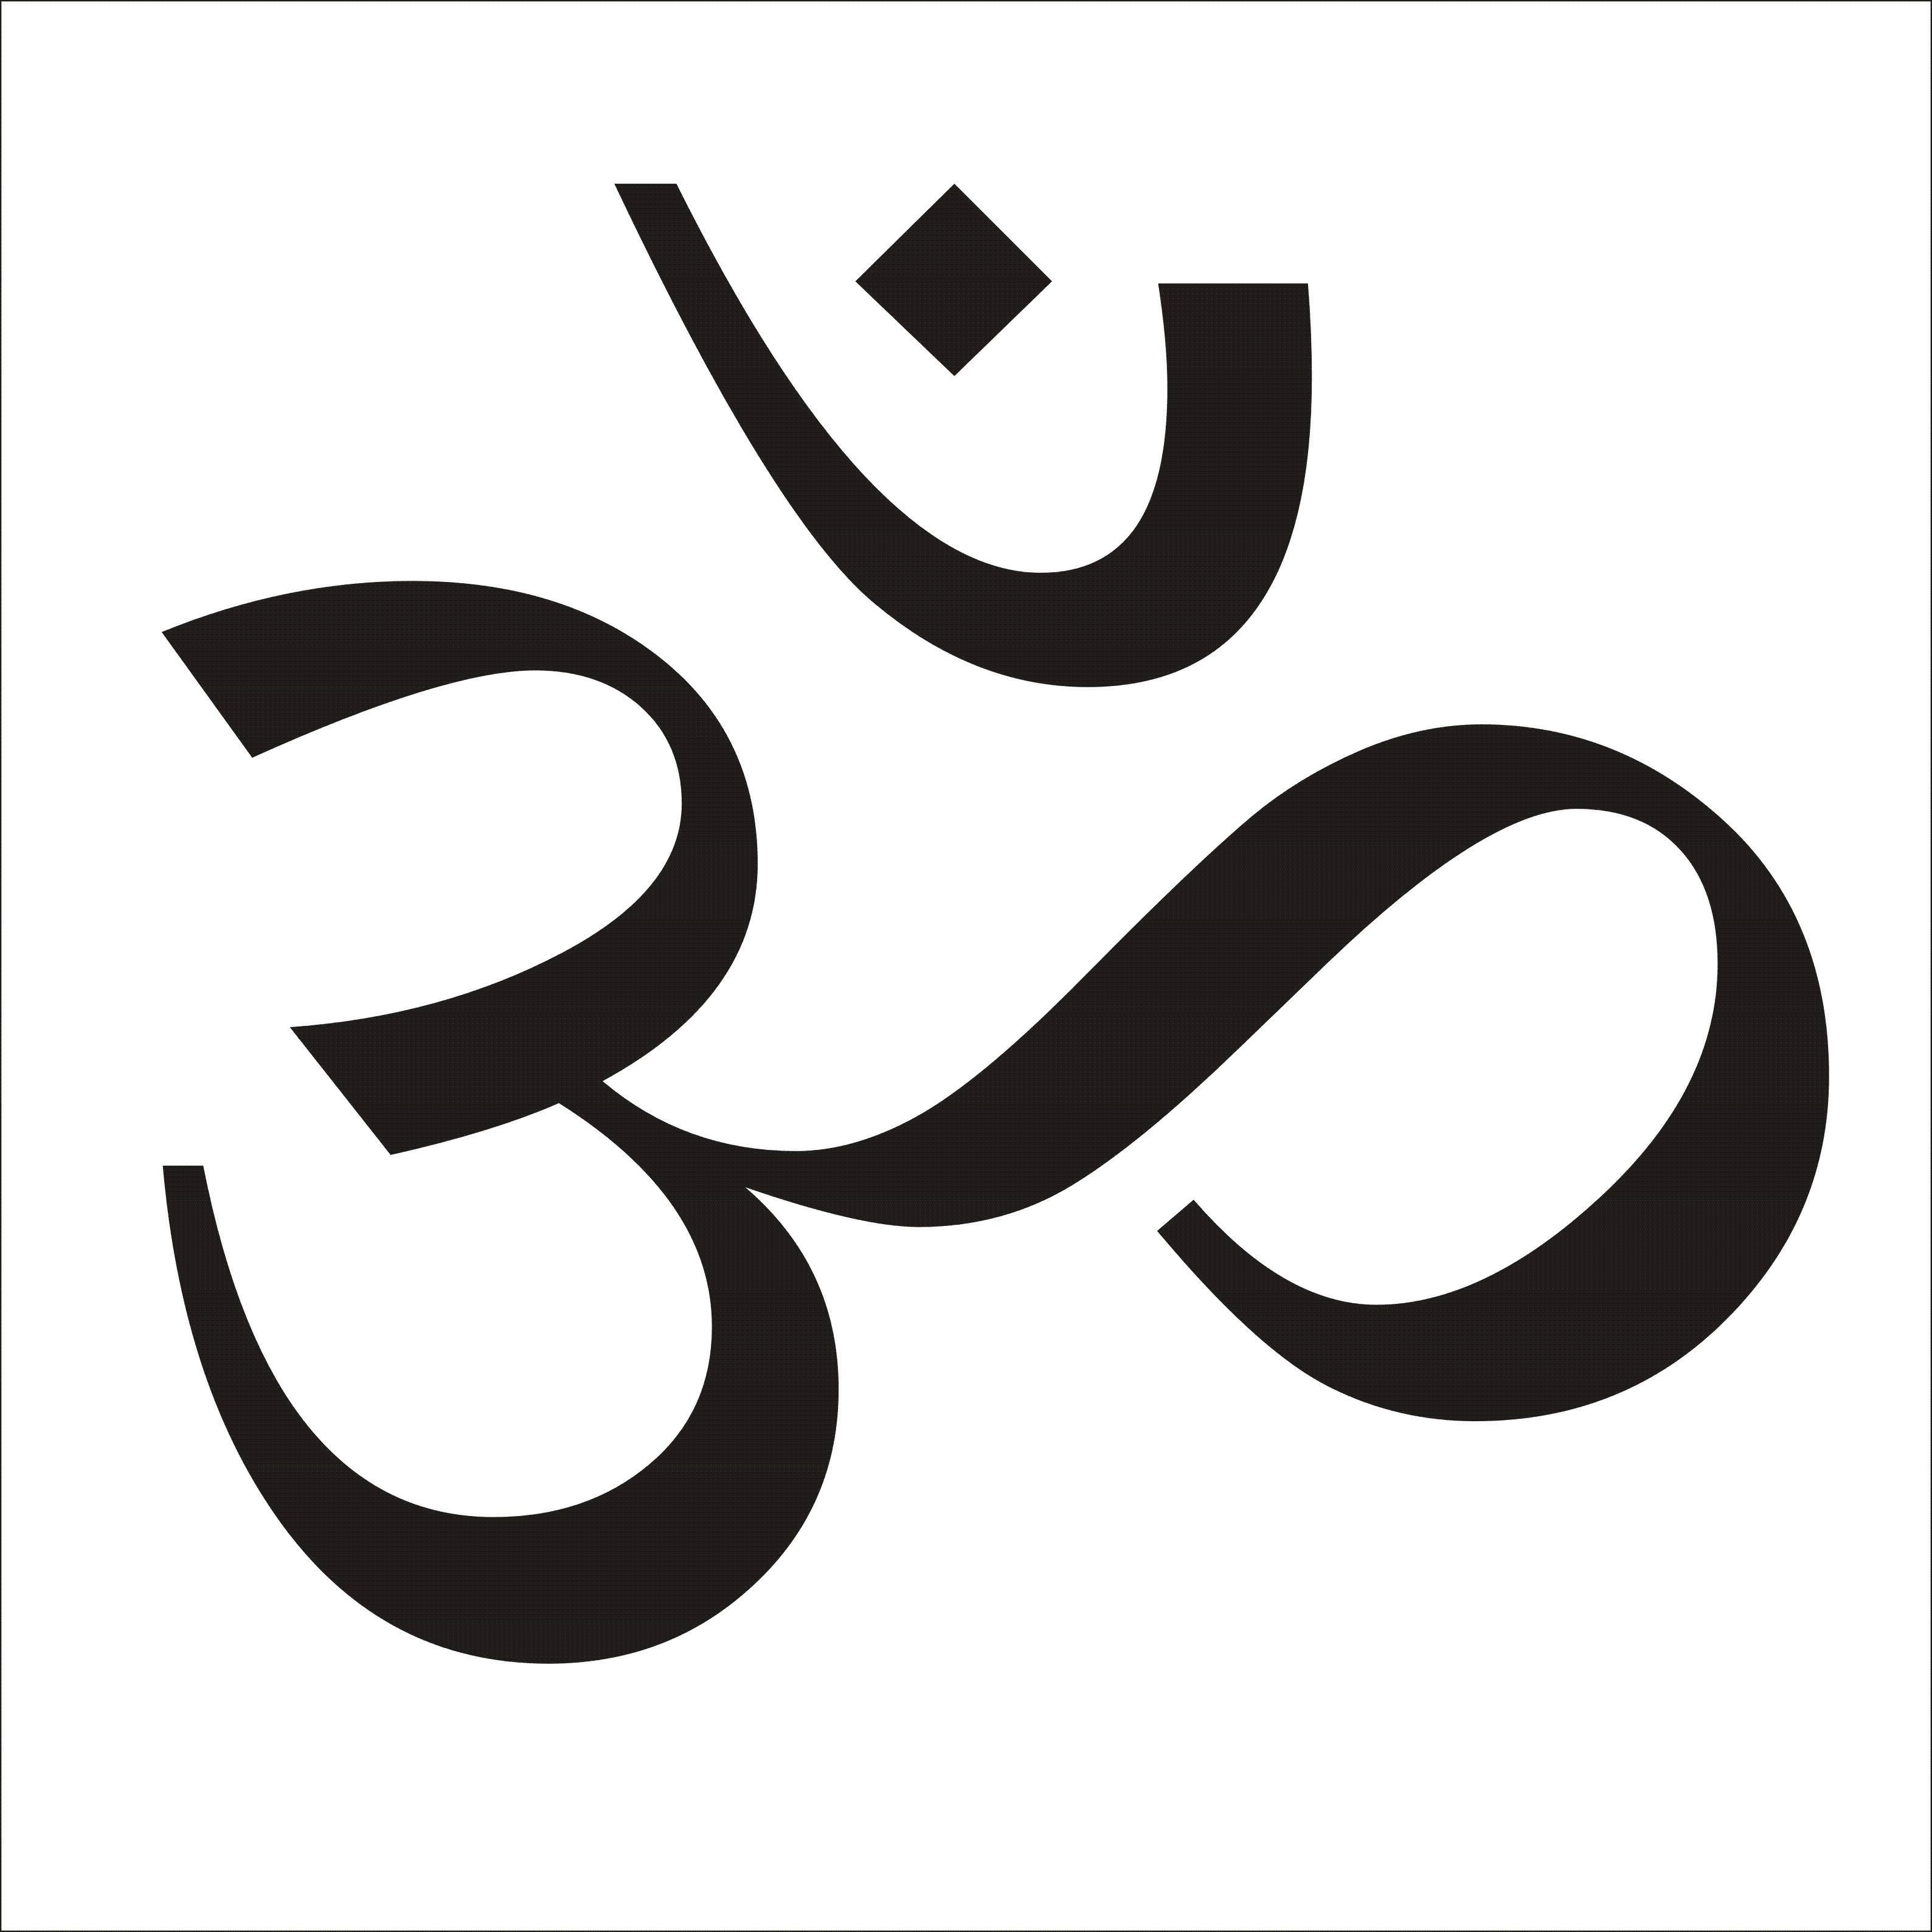 hindu symbols pictures - HD3177×3177